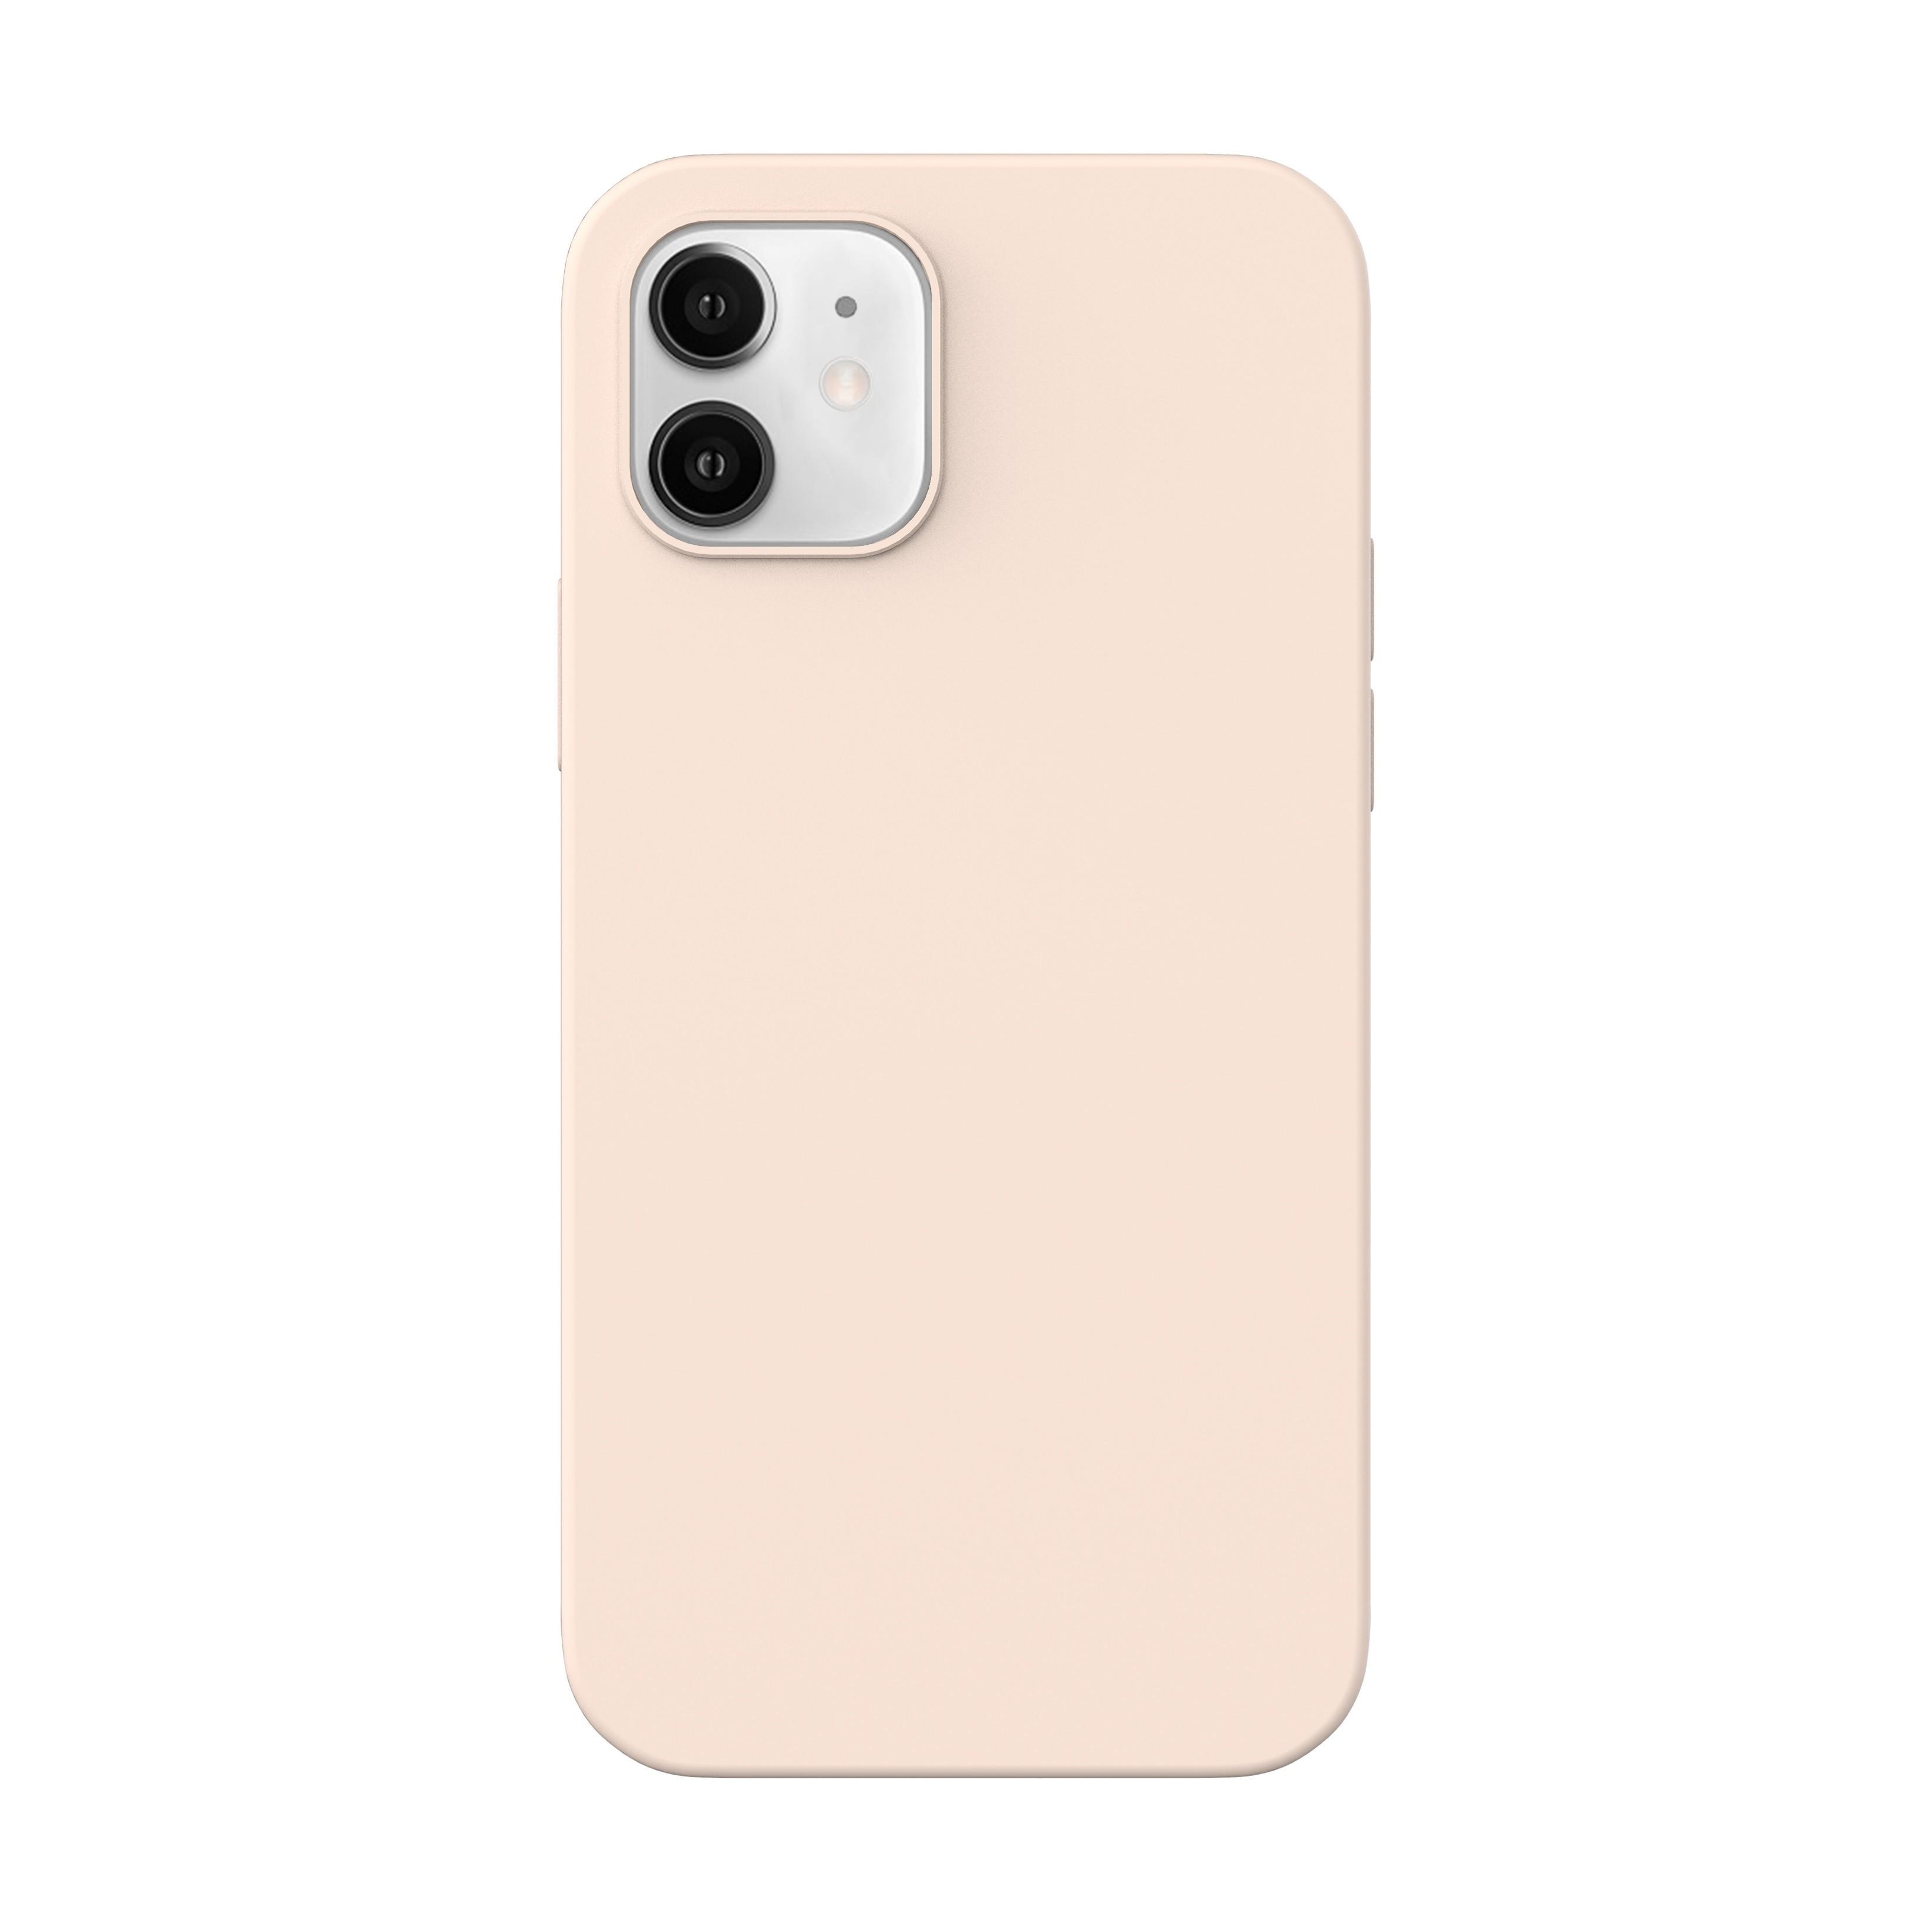 Capac protectie spate cellara din silicon colectia slim pentru iphone 12 mini - roz